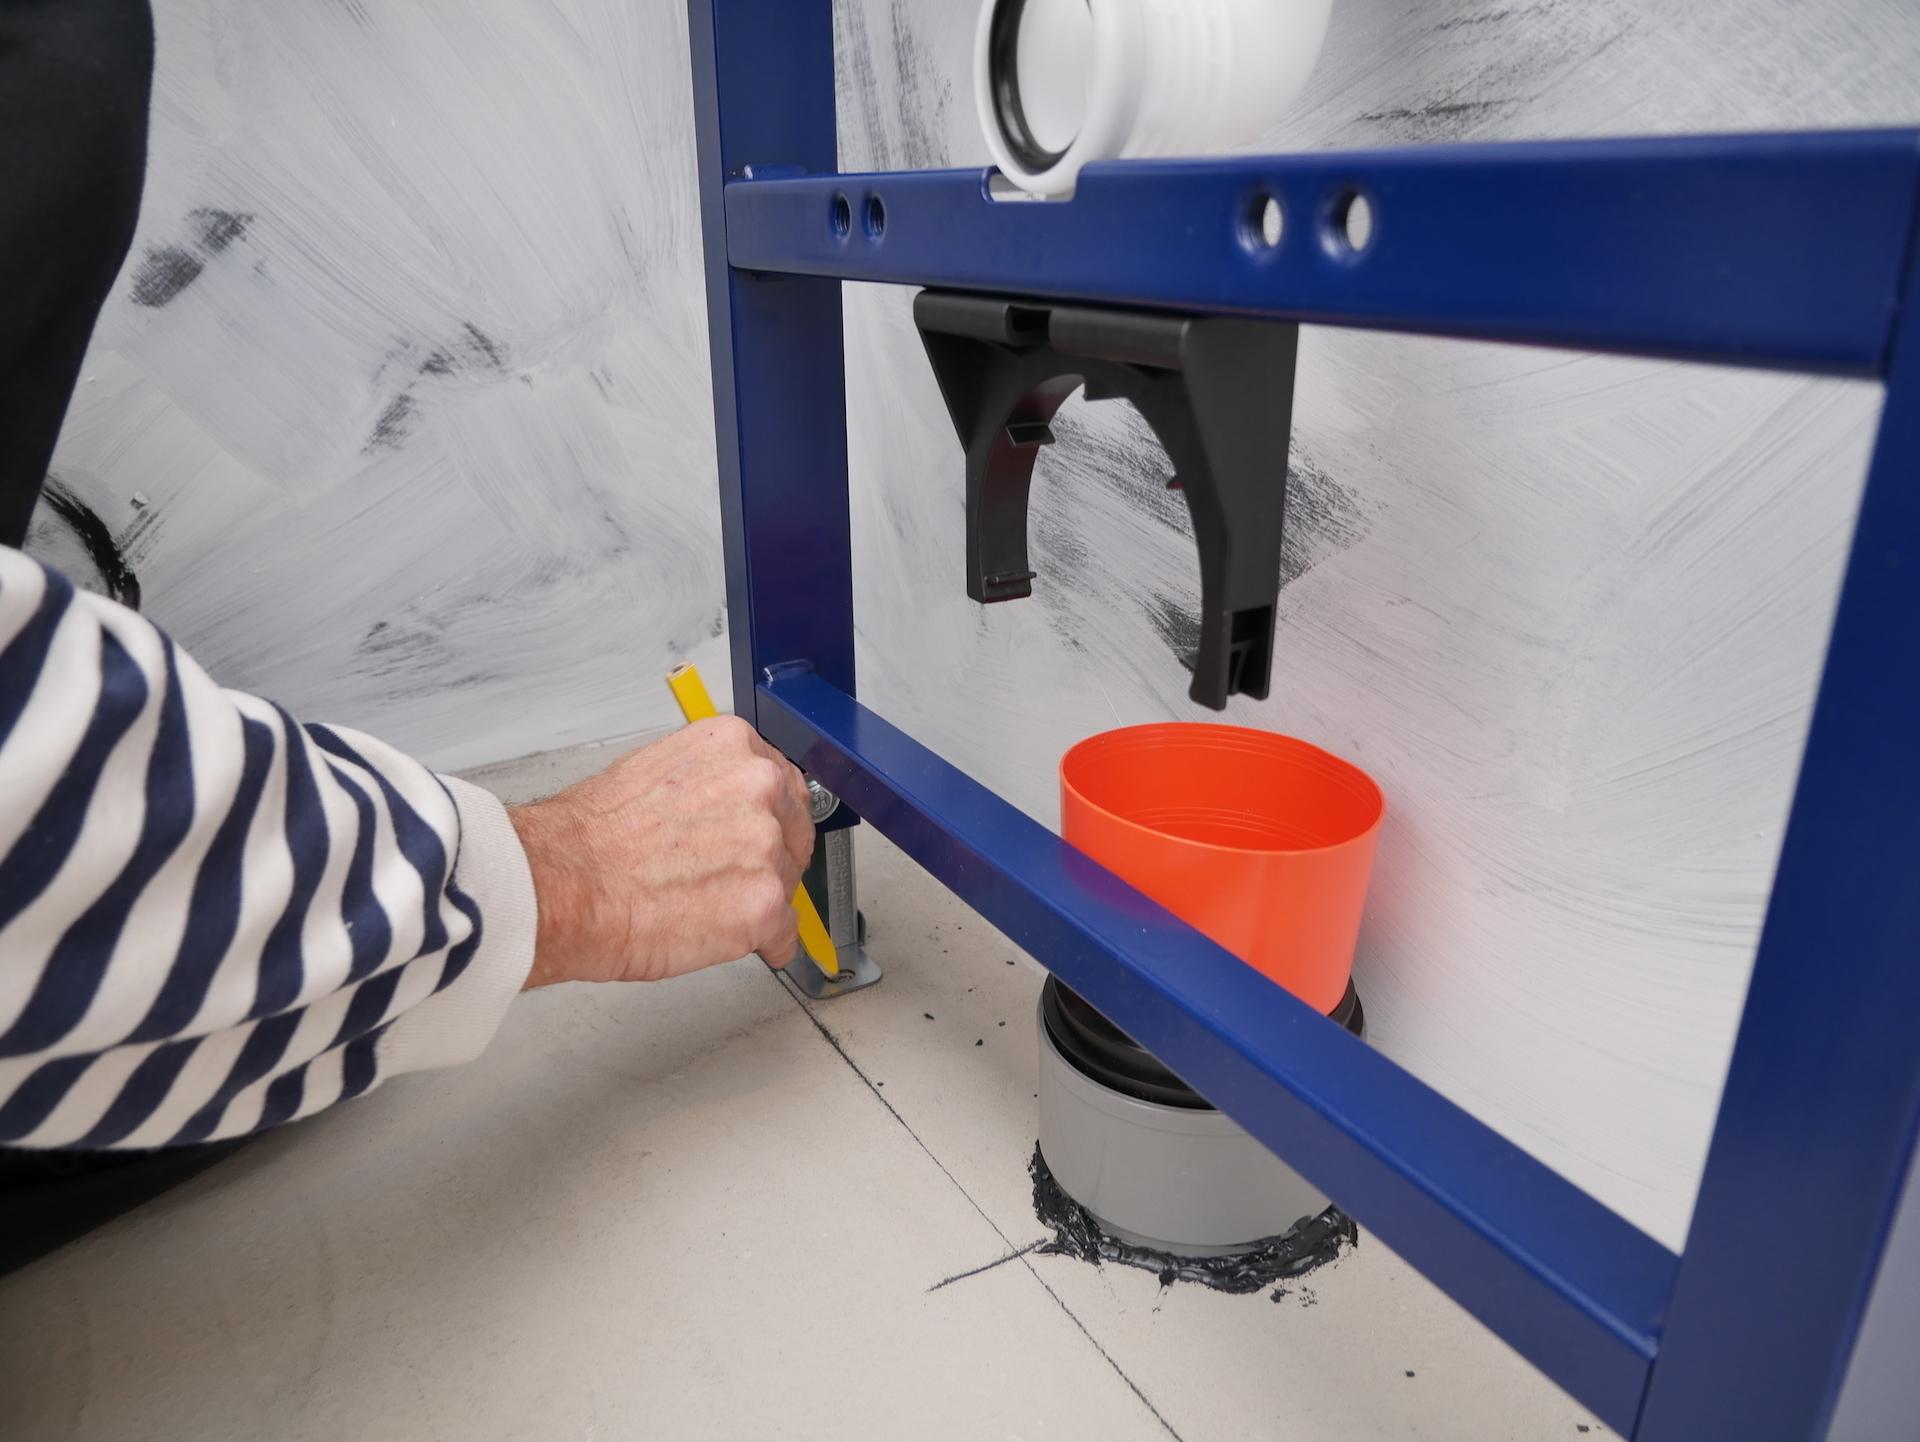 Praxis Toilet Fontein : Inbouwreservoir praxis badkamer van praxis zelf gezet